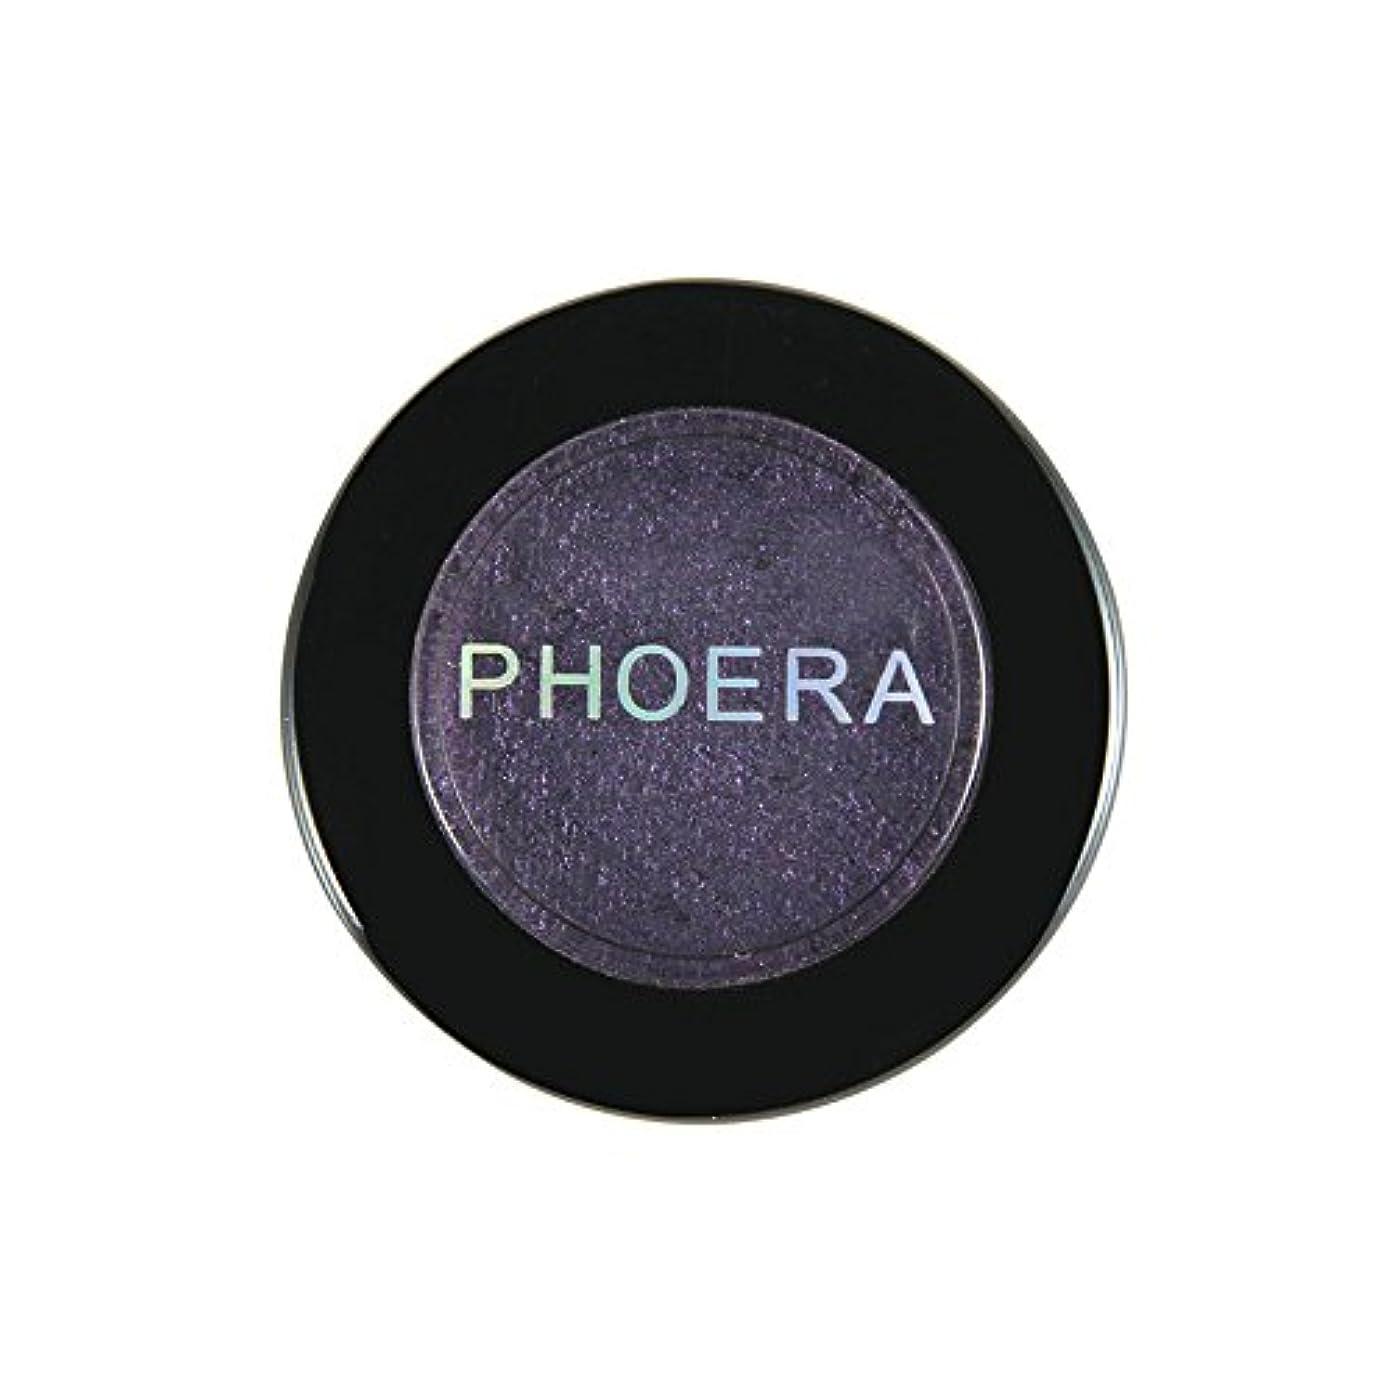 有効化鷲北米Akane アイシャドウパレット PHOERA 人気 ファッション 魅力的 マッシュポテト 単なる 一つだけ 綺麗 チャーム 長持ち おしゃれ 持ち便利 日常 仕事 Eye Shadow (4色)